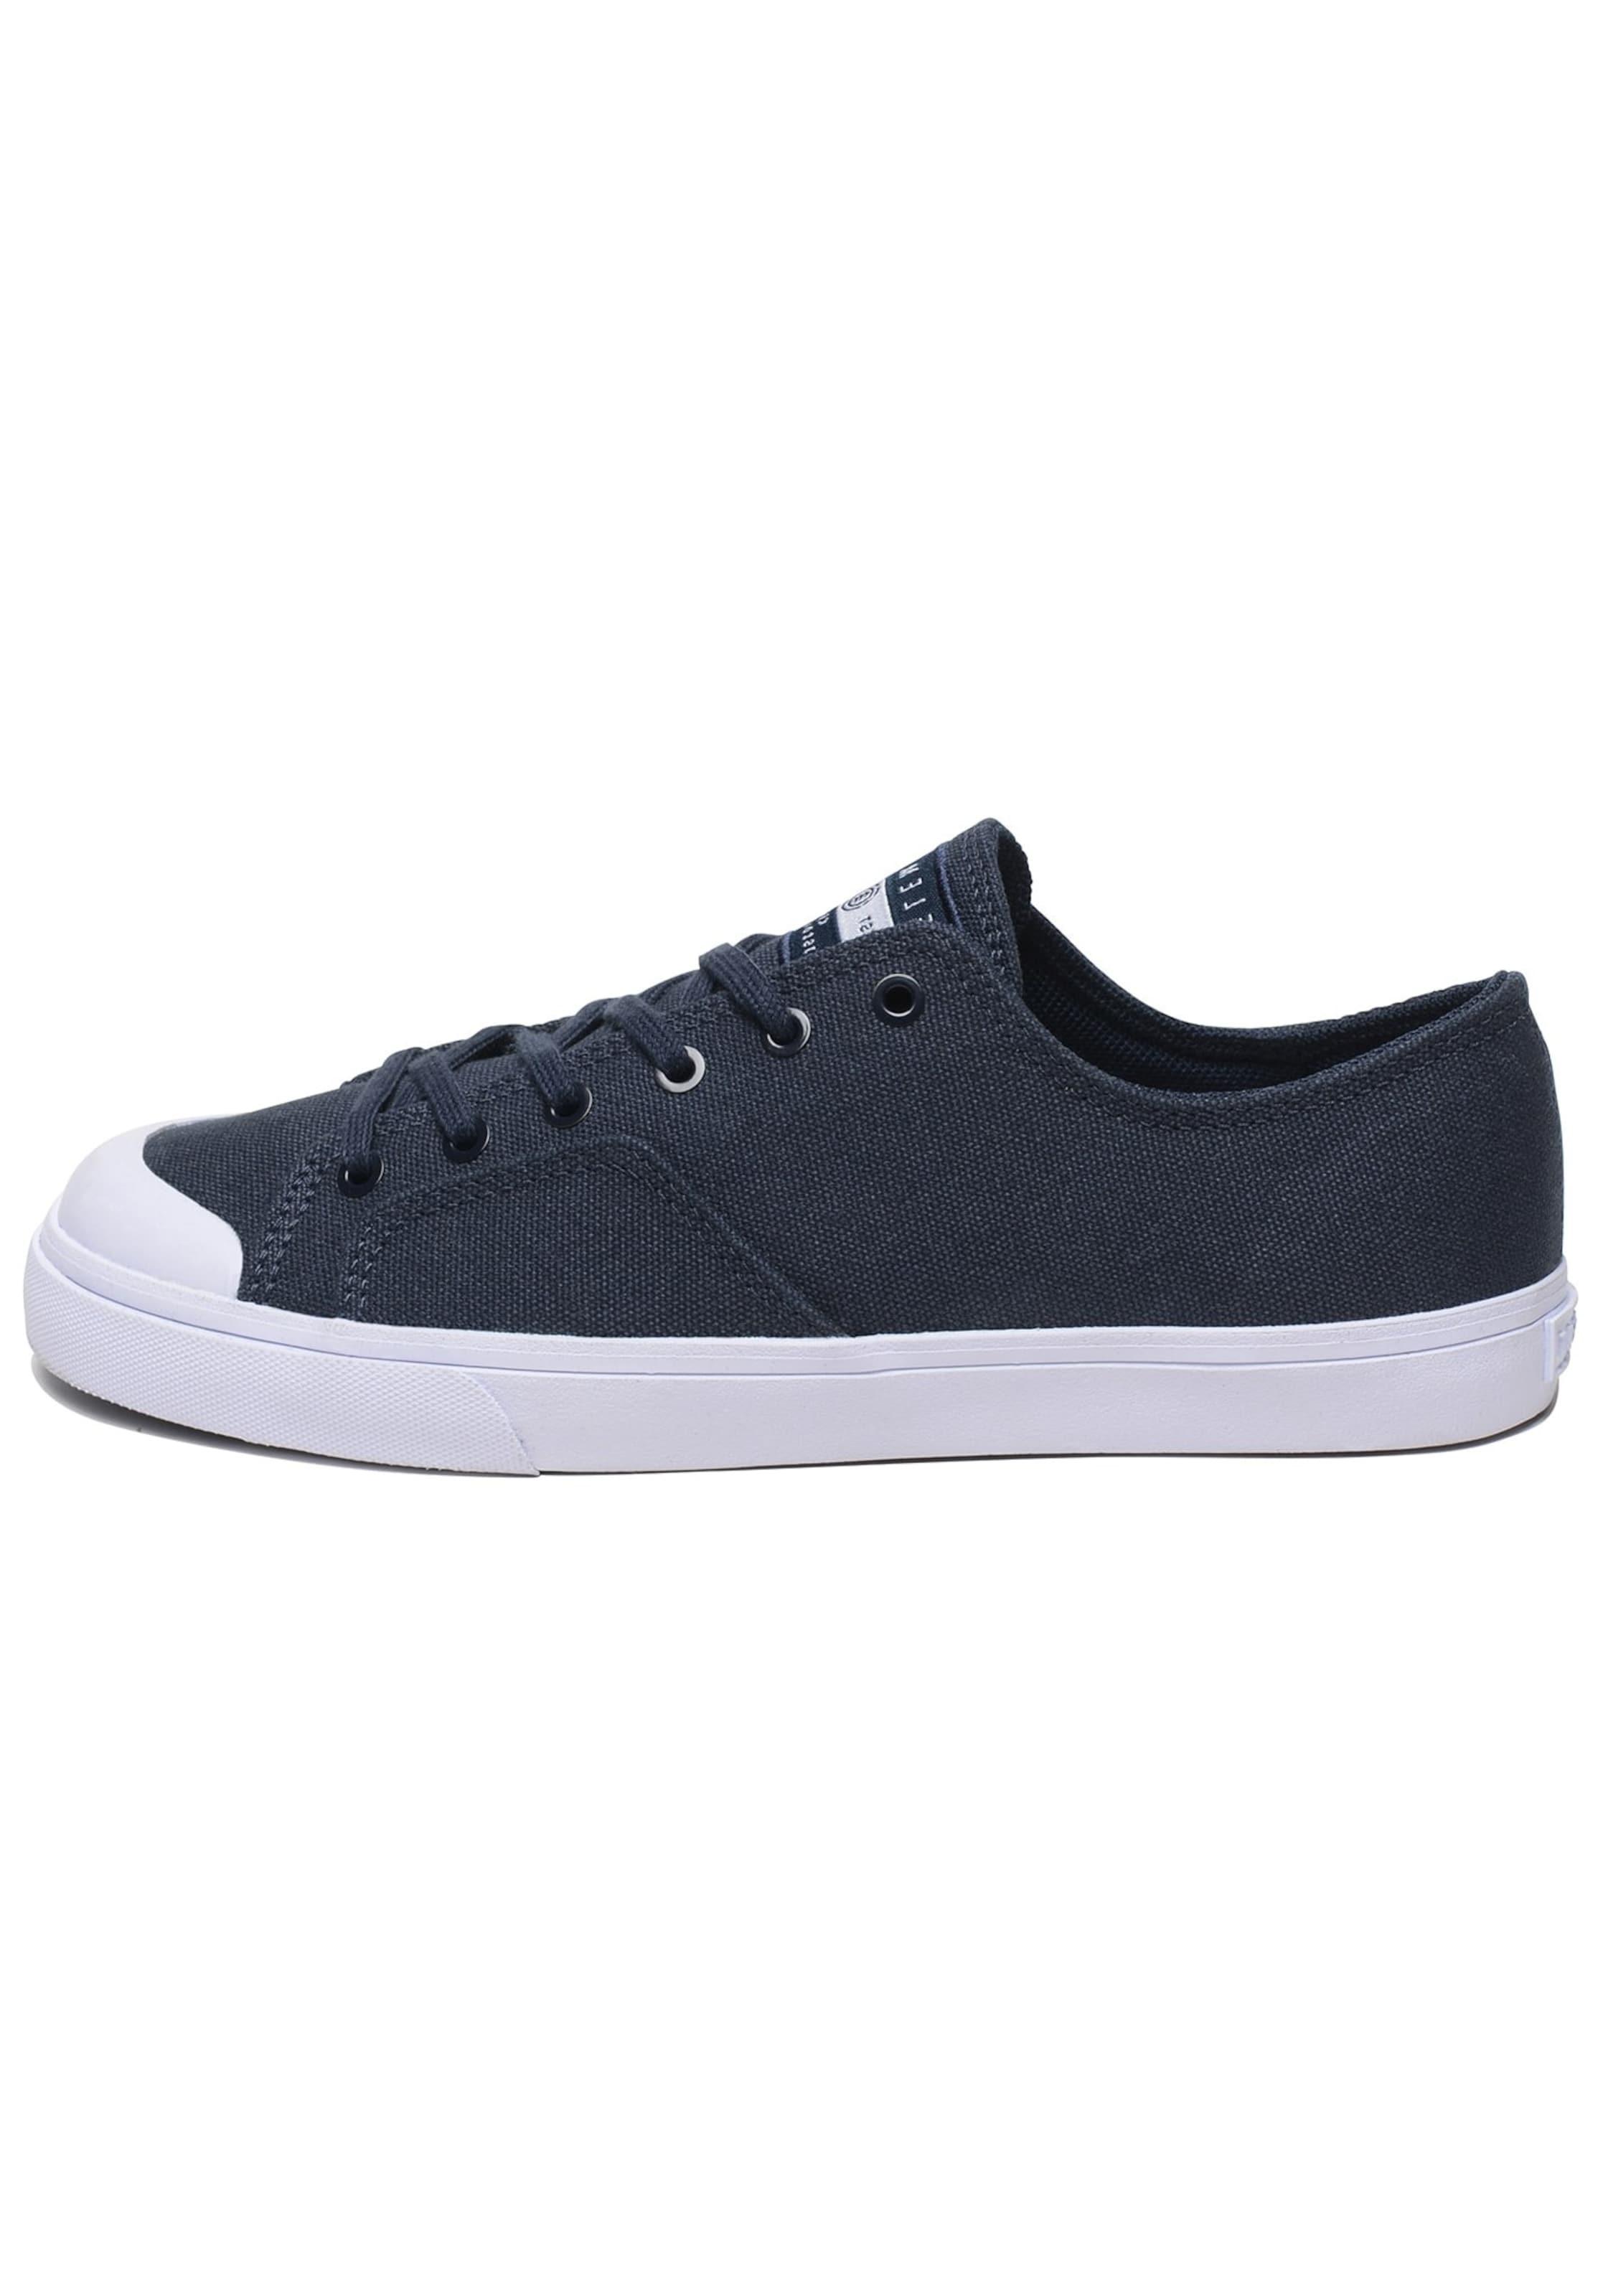 ELEMENT Spike Sneaker Verschleißfeste billige Schuhe